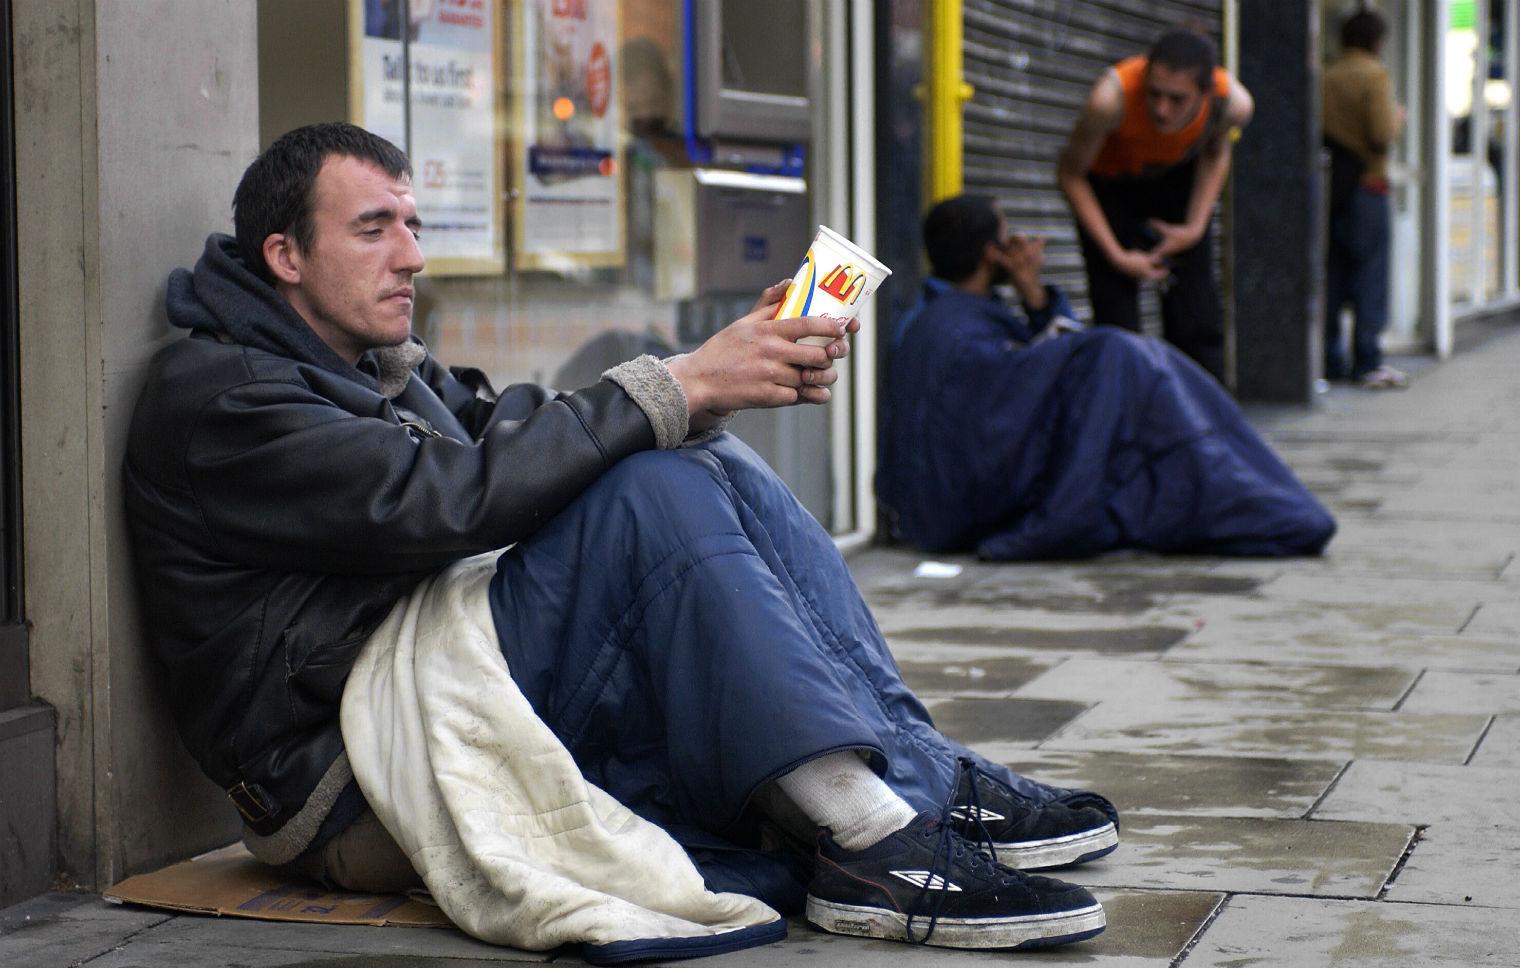 Dating a Homeless Man